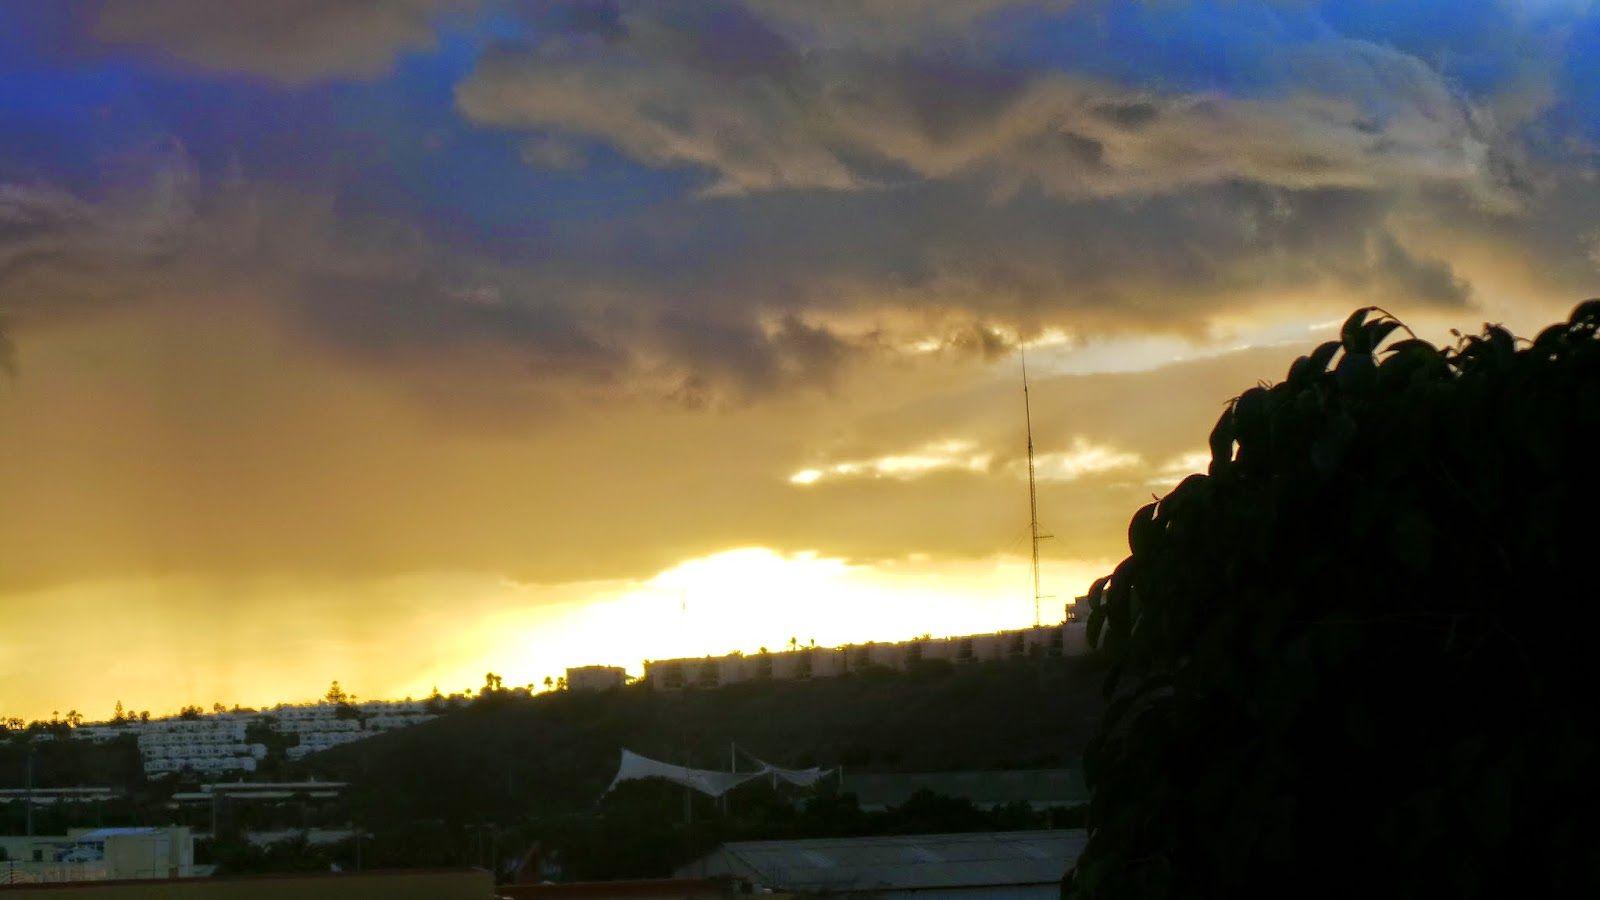 CANARIAS  FOTOS   Canary Islands Photos: Atardecer sobre el Parque Sur de Maspalomas en Gra...